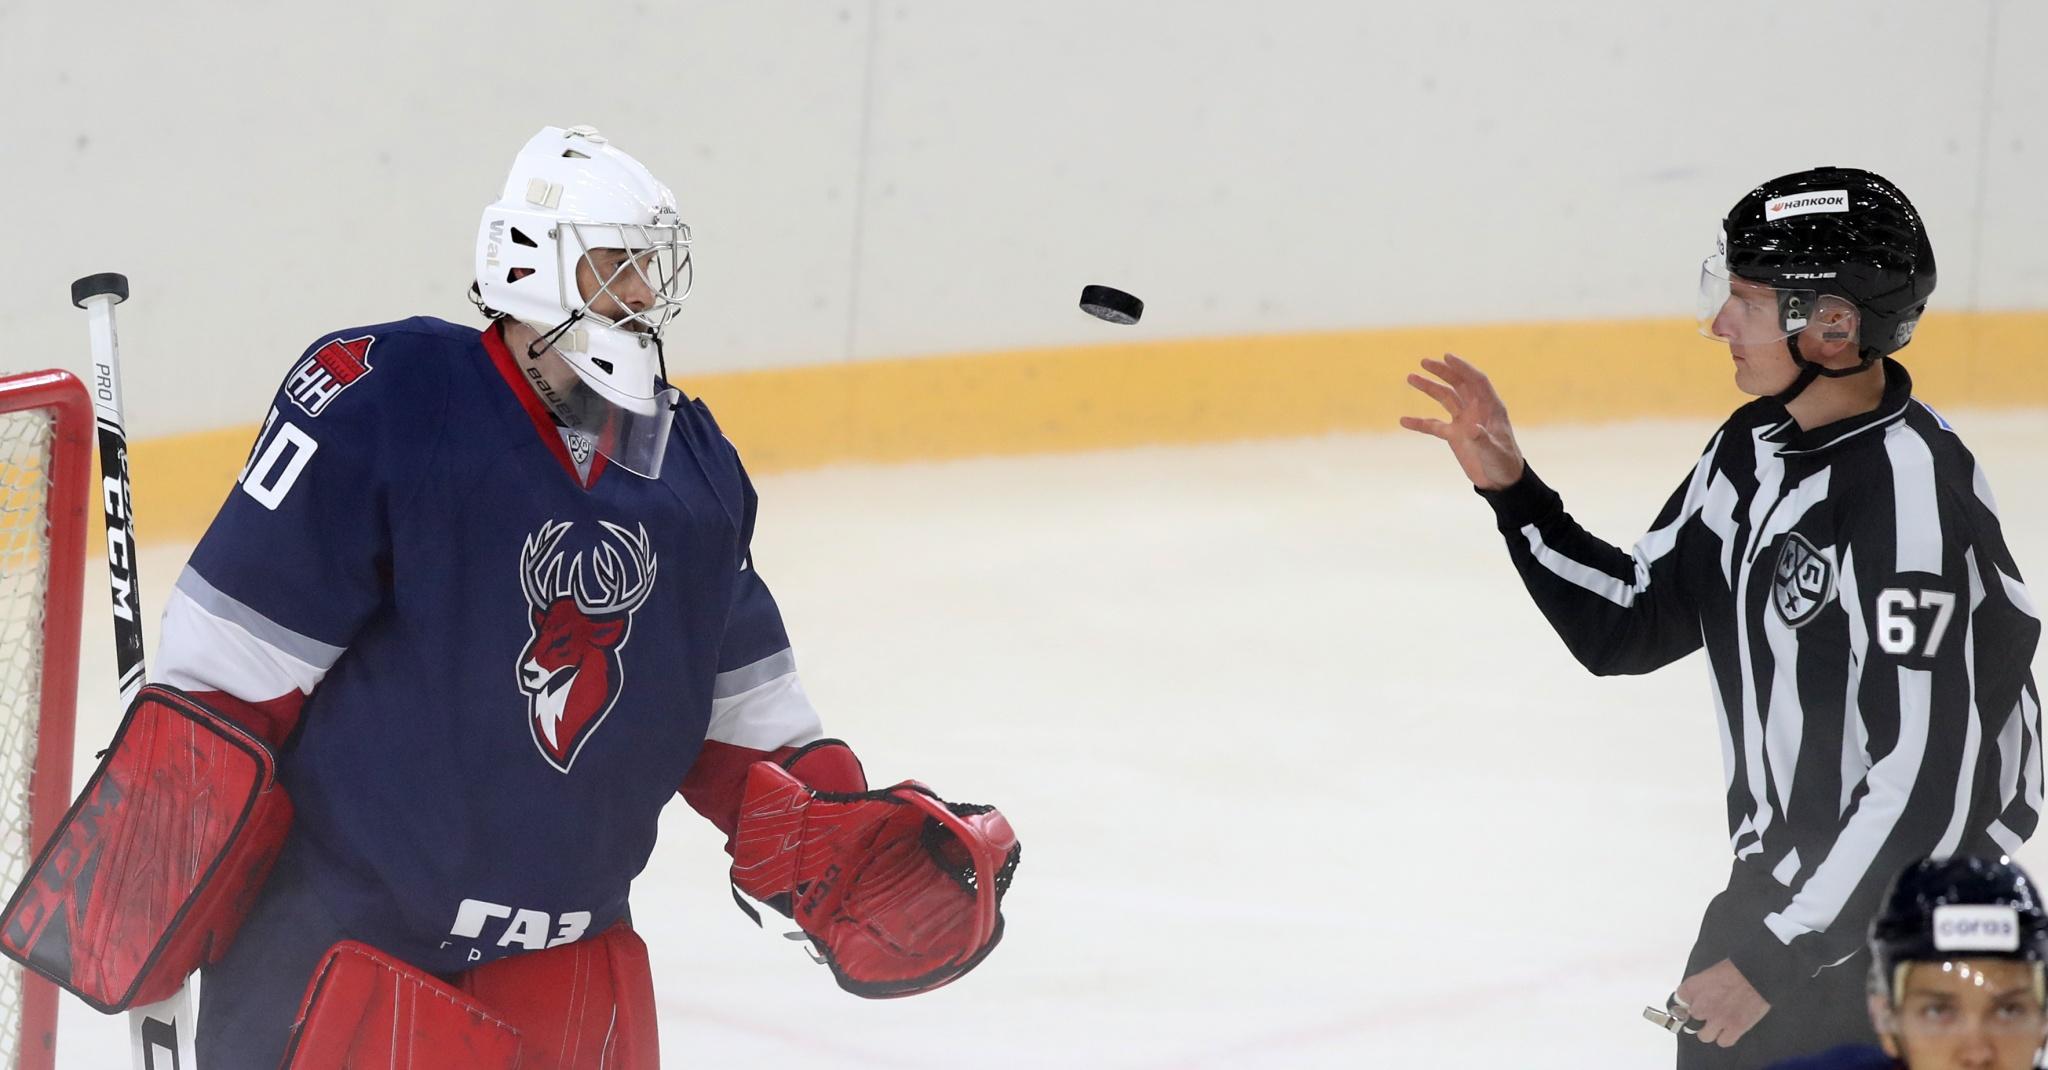 Алексей Мурыгин и Александр Чернышев. Фото: Сергей Бабунов